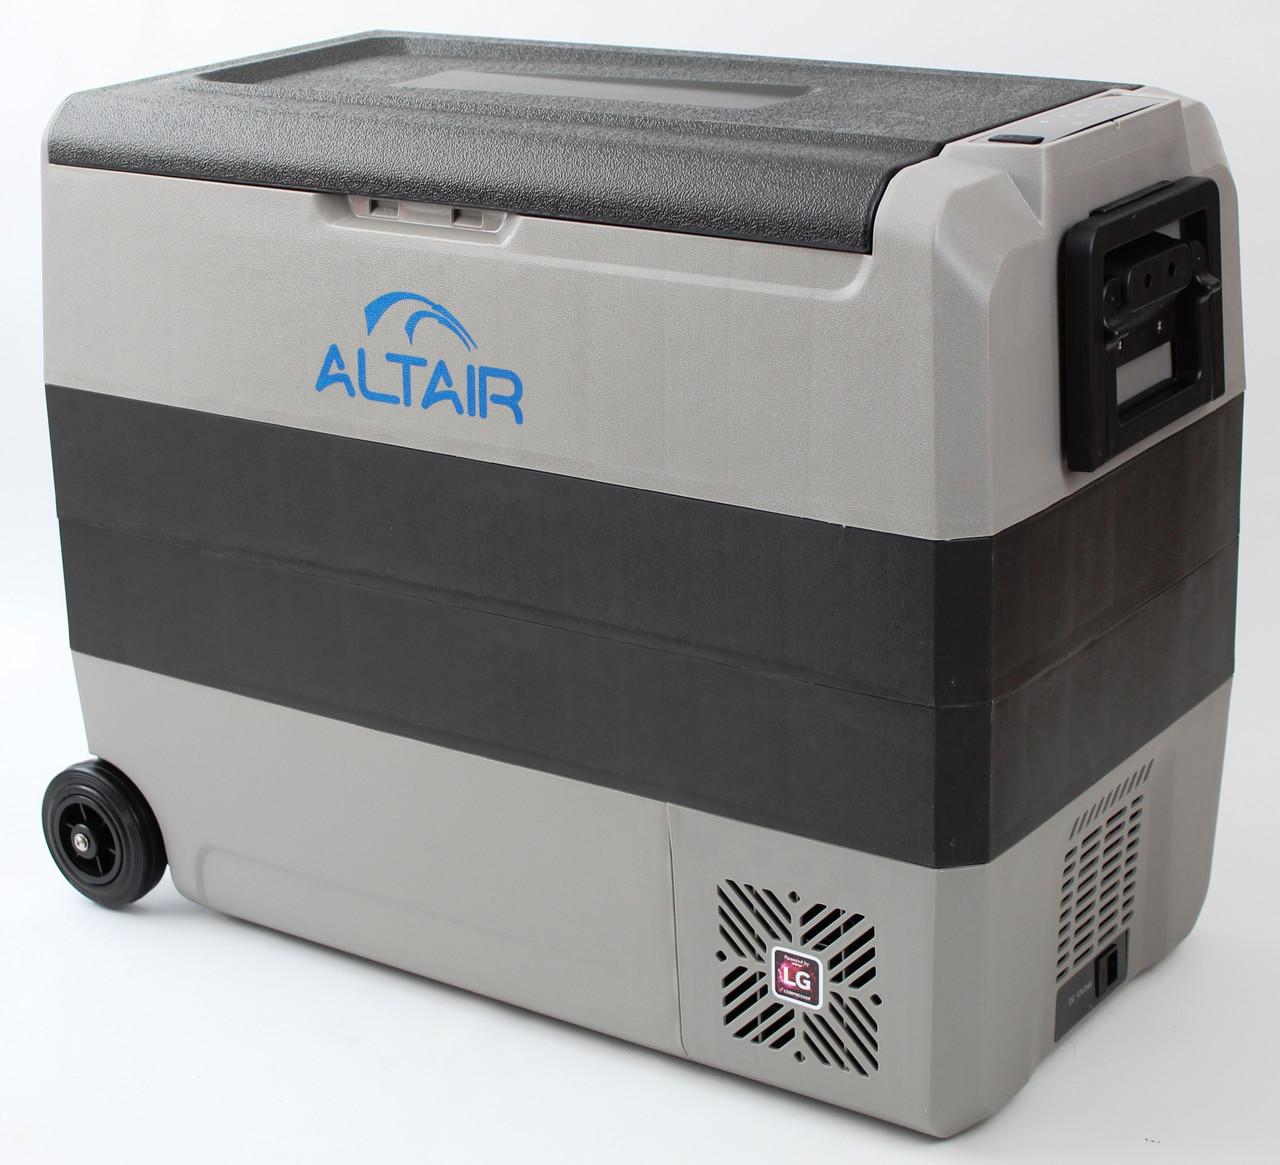 Компресорний автохолодильник Altair LGТ60 (60 літрів). До -20 °С. 12/24/220V